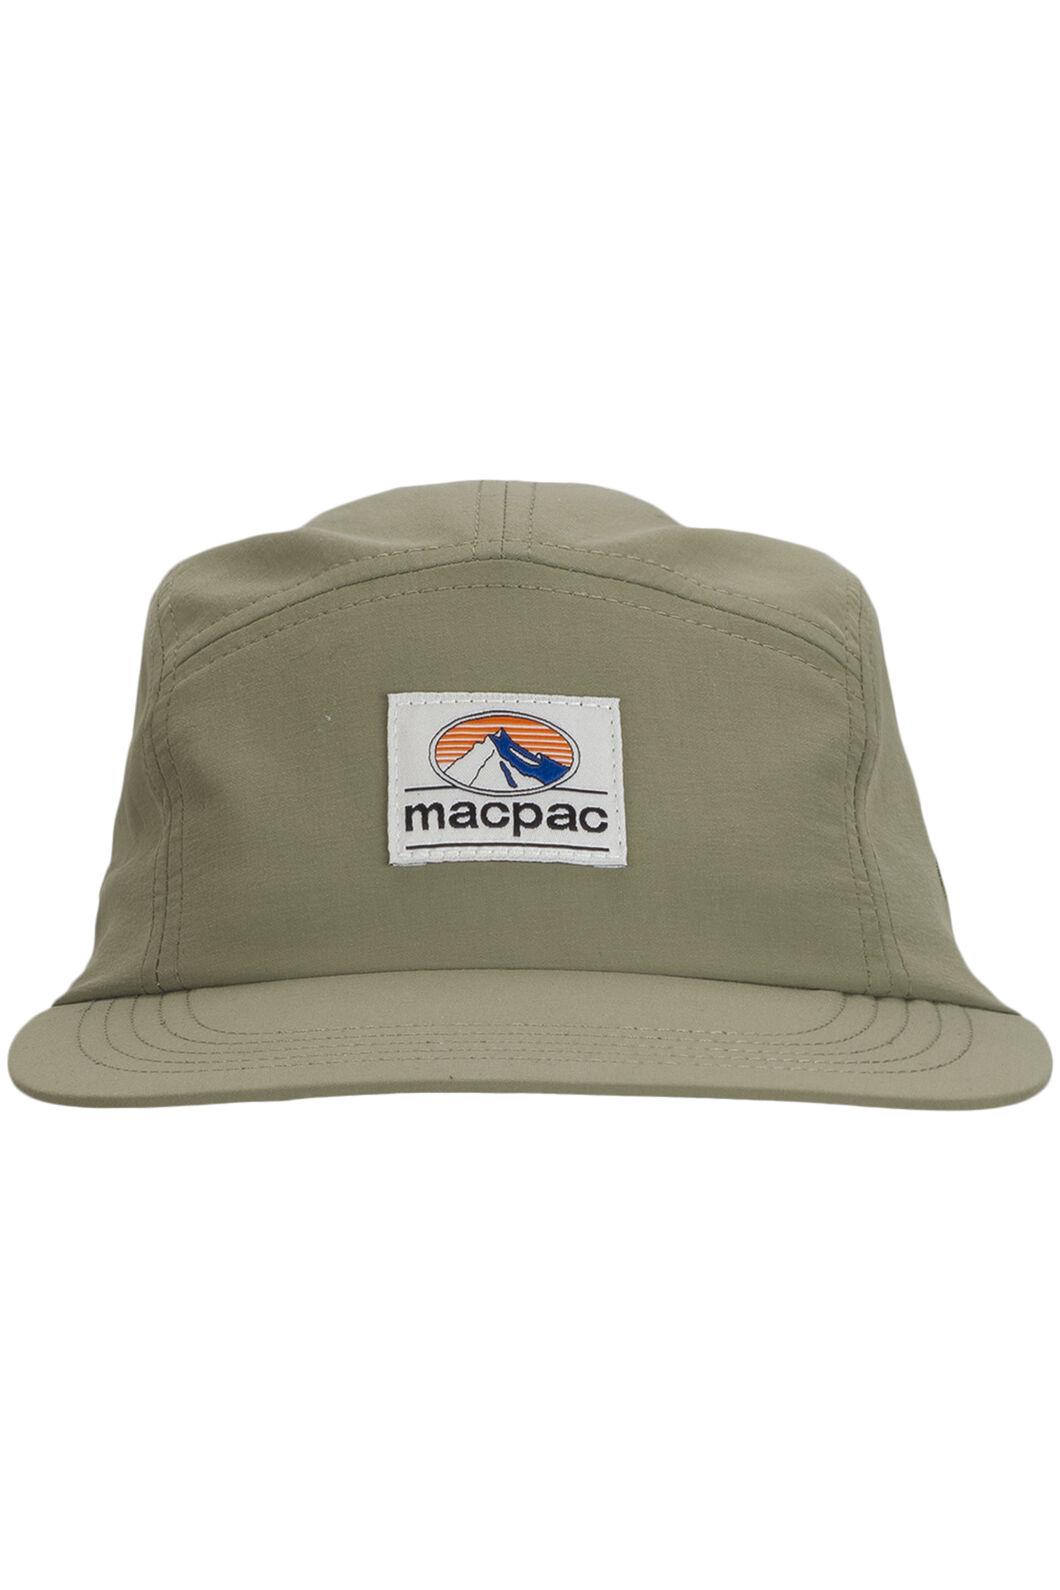 Macpac Winger 5-Panel Cap, Deep Lichen Green, hi-res